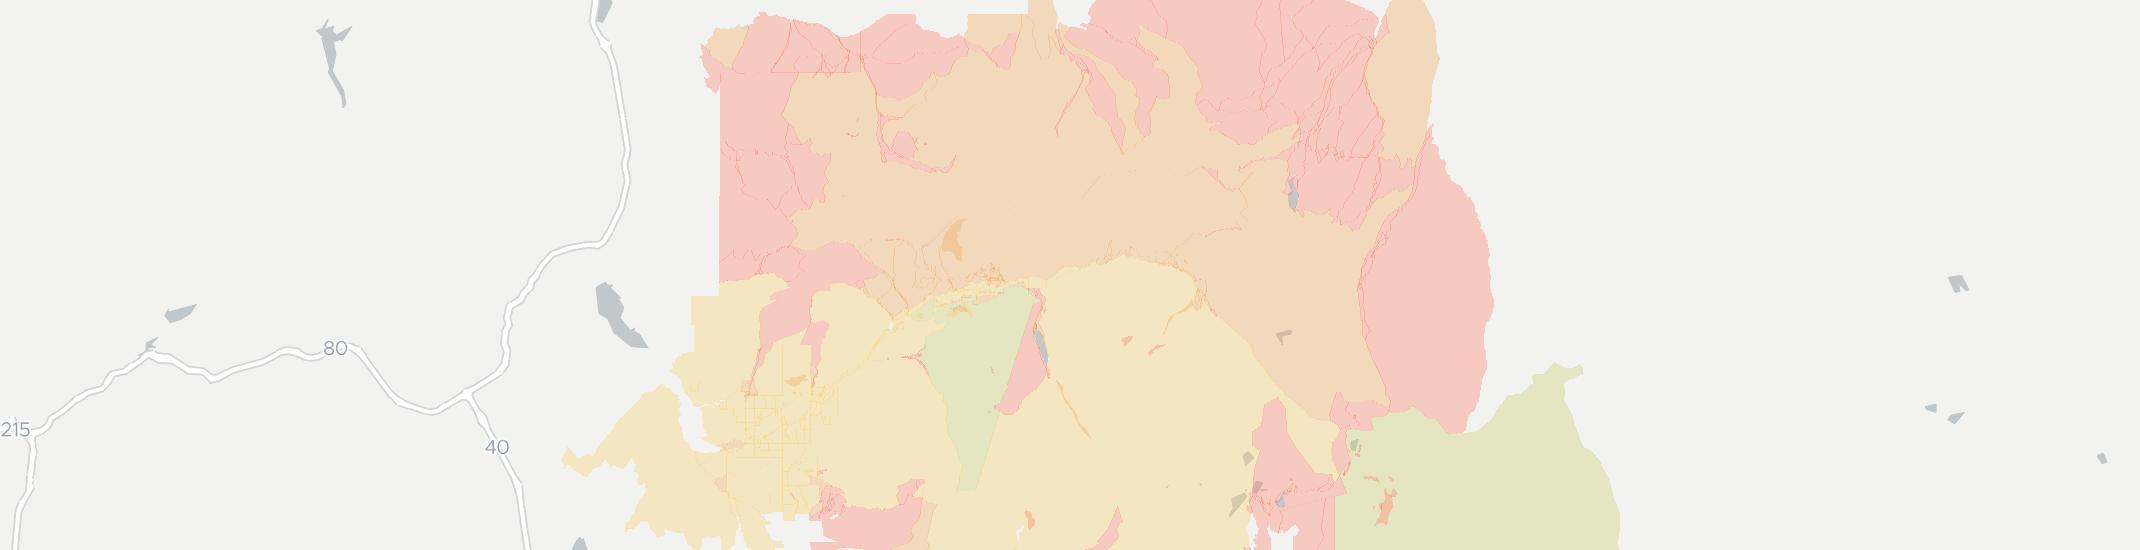 Oakley Utah Map.Internet In Oakley Ut See All 11 Internet Providers